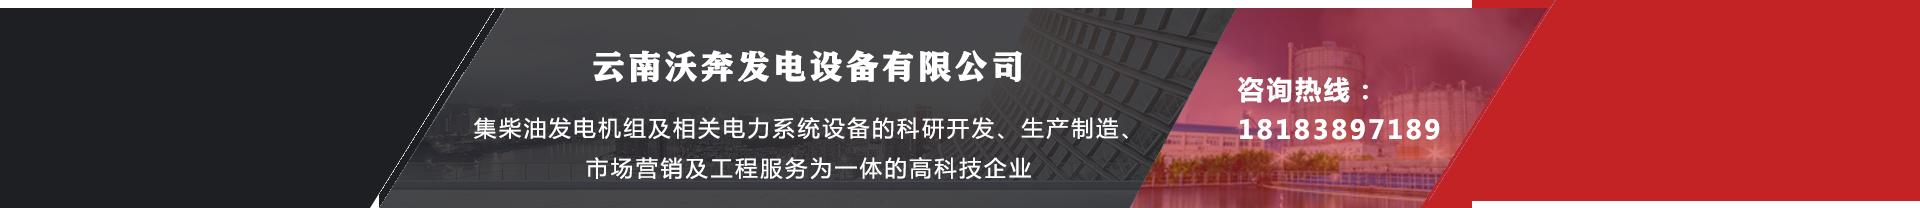 云南沃奔柴油发电机设备公司咨(zī)询(xún)热线